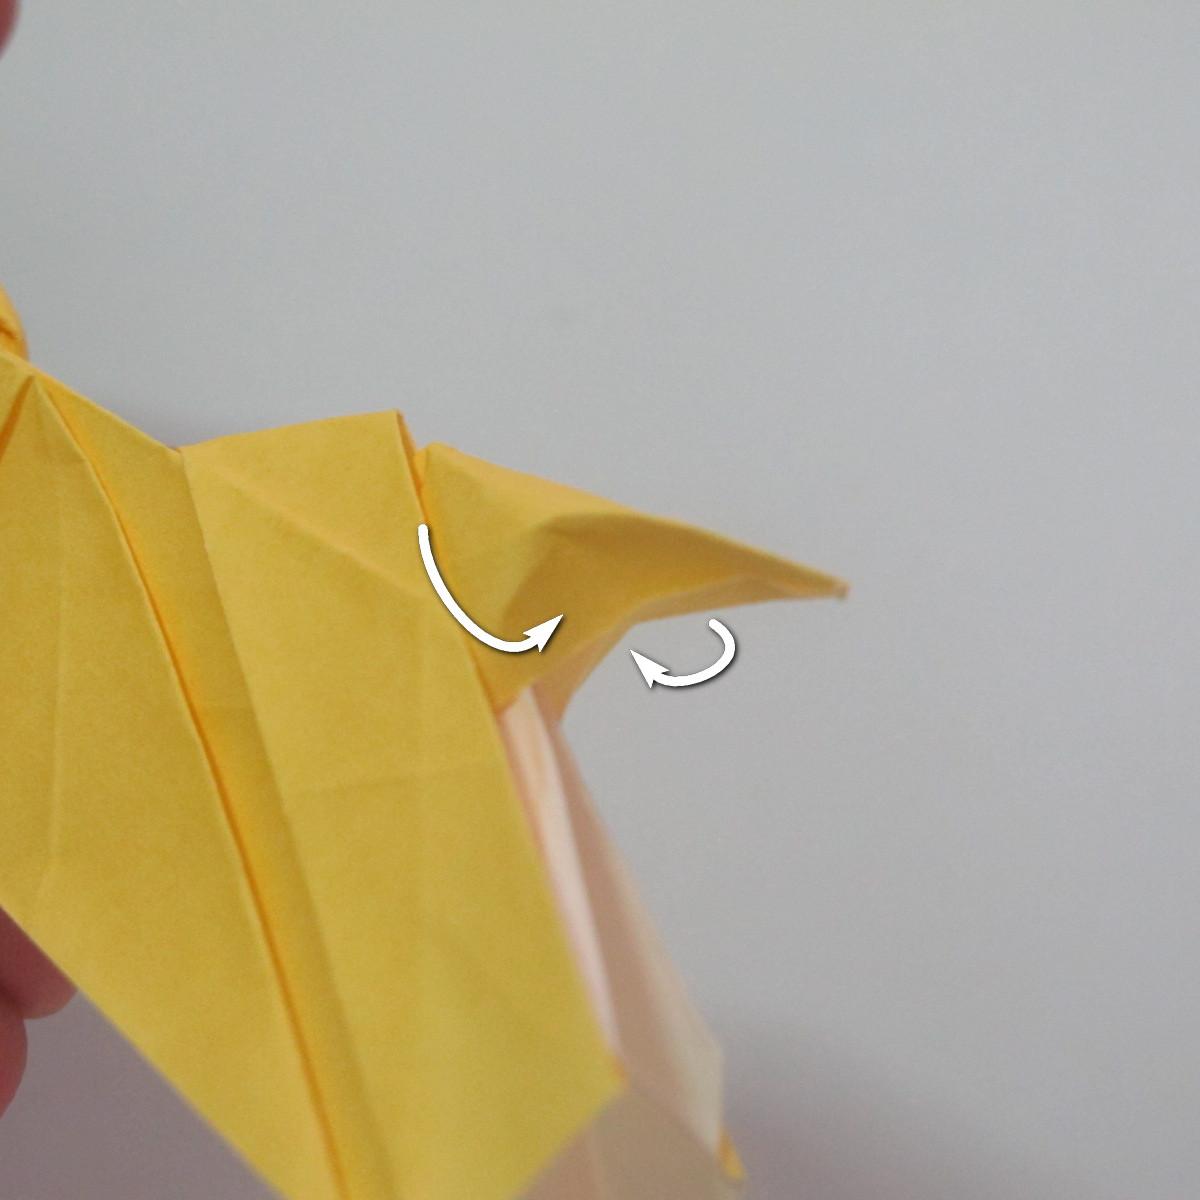 สอนวิธีพับกระดาษเป็นรูปลูกสุนัขยืนสองขา แบบของพอล ฟราสโก้ (Down Boy Dog Origami) 113